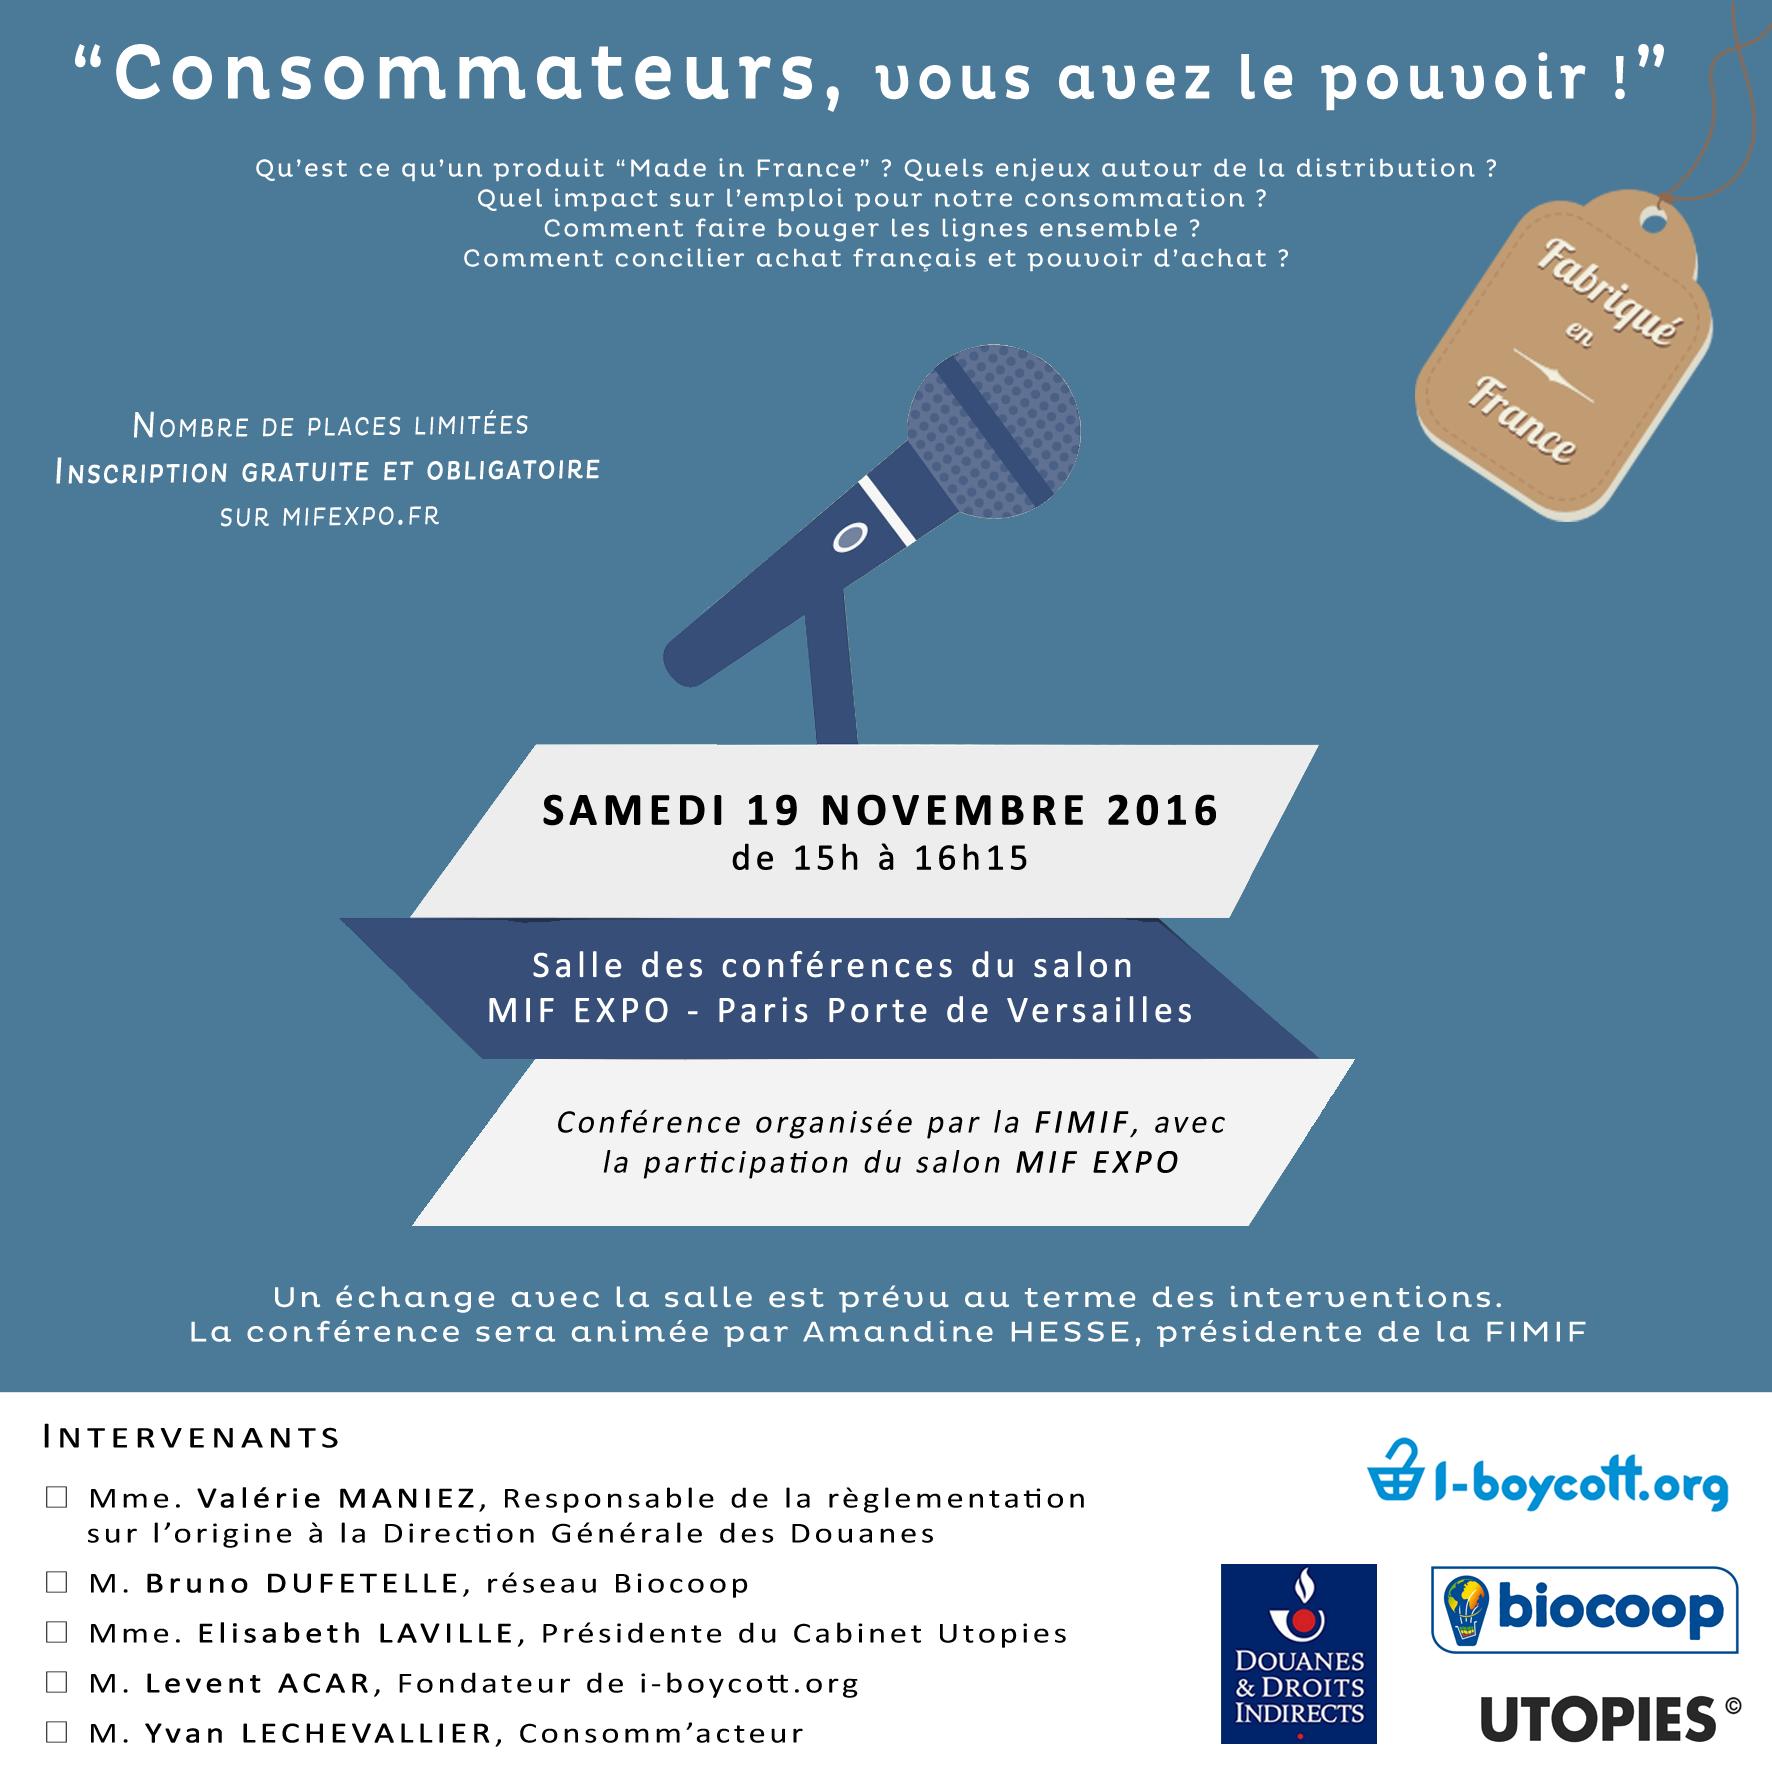 Consommateurs vous avez le pouvoir fimif for Mif expo le salon du made in france 10 novembre